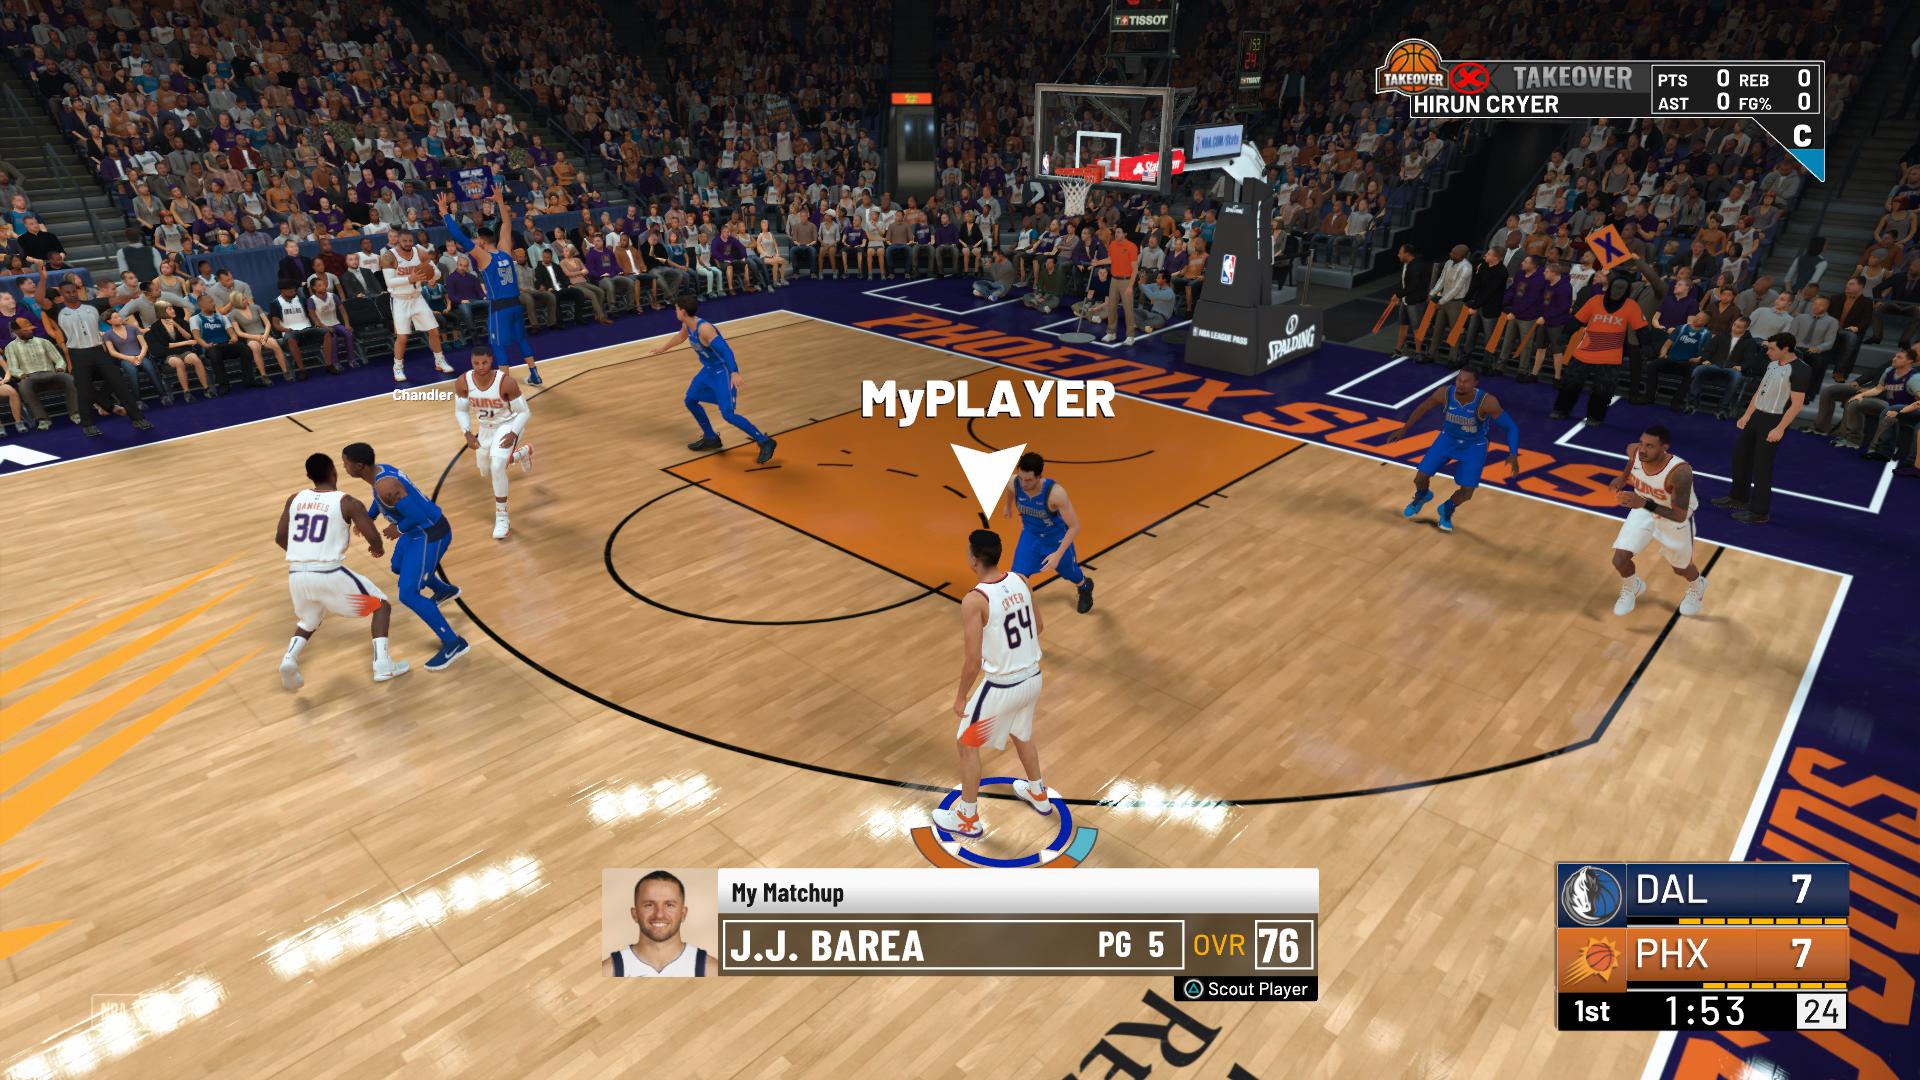 Nba 2k20 Official Badge List Sports Gamers Online Nba Nba Jersey Basketball Video Games